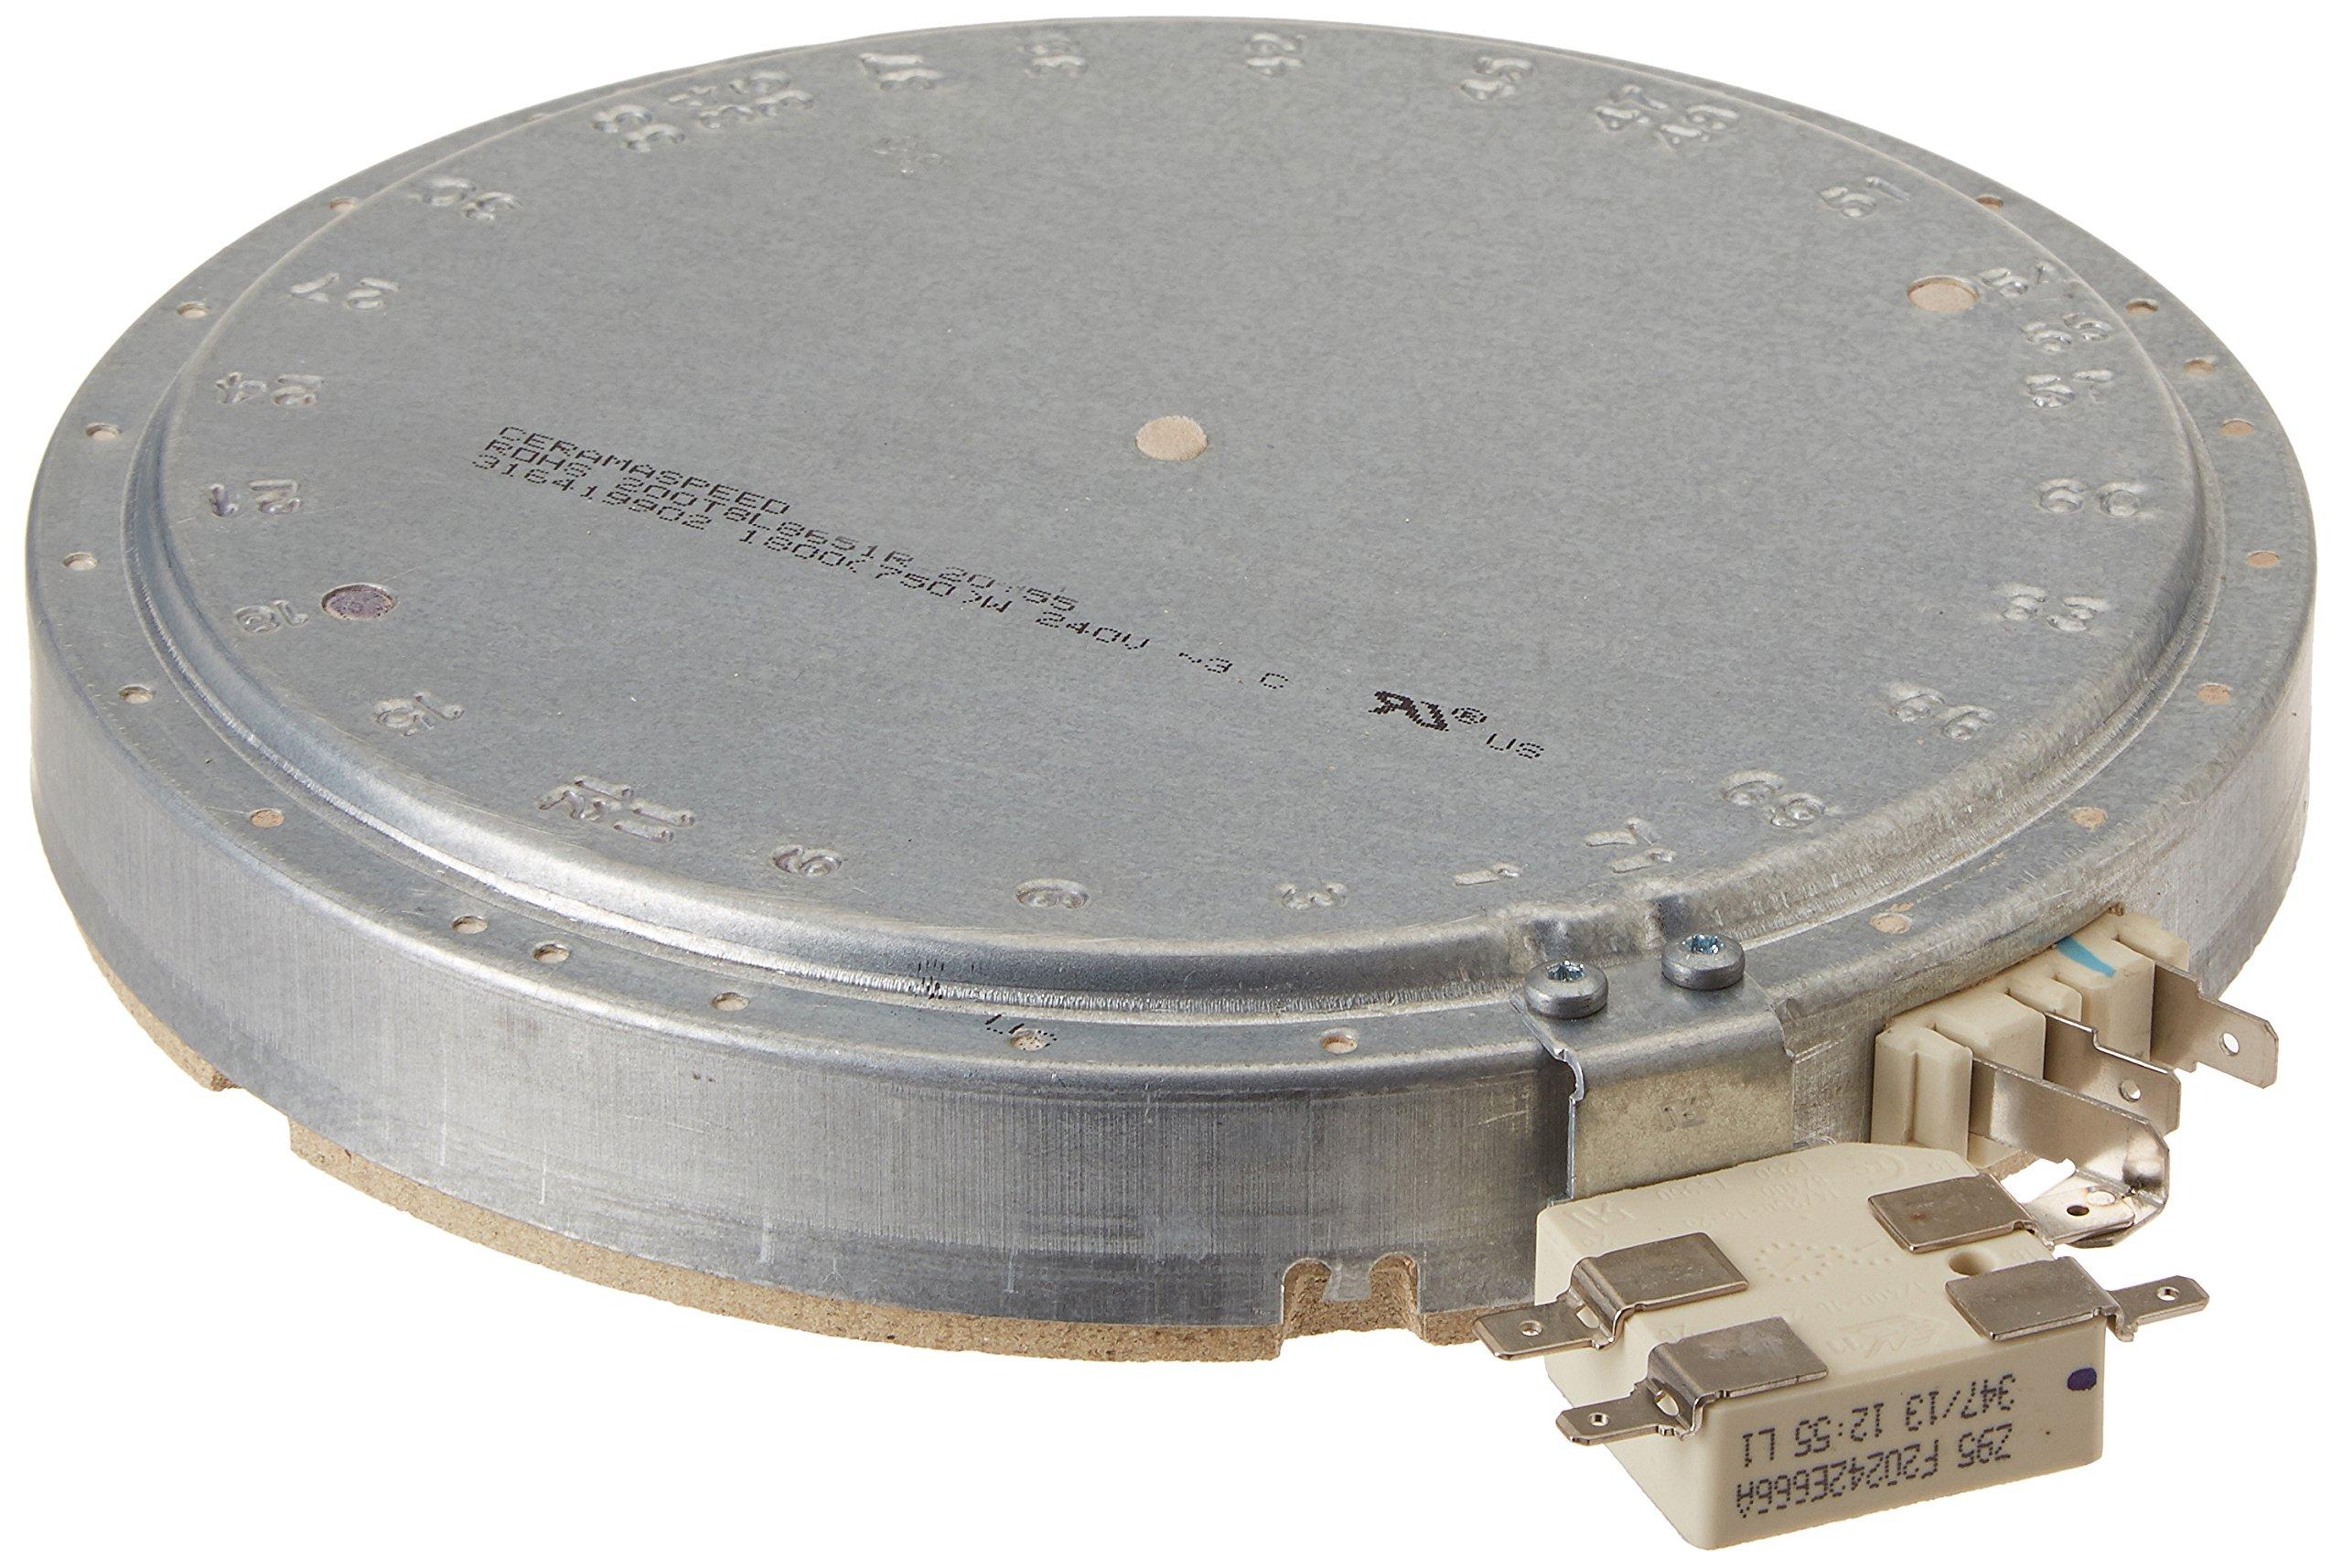 Frigidaire 316419902 Range/Stove/Oven Radiant Surface Element